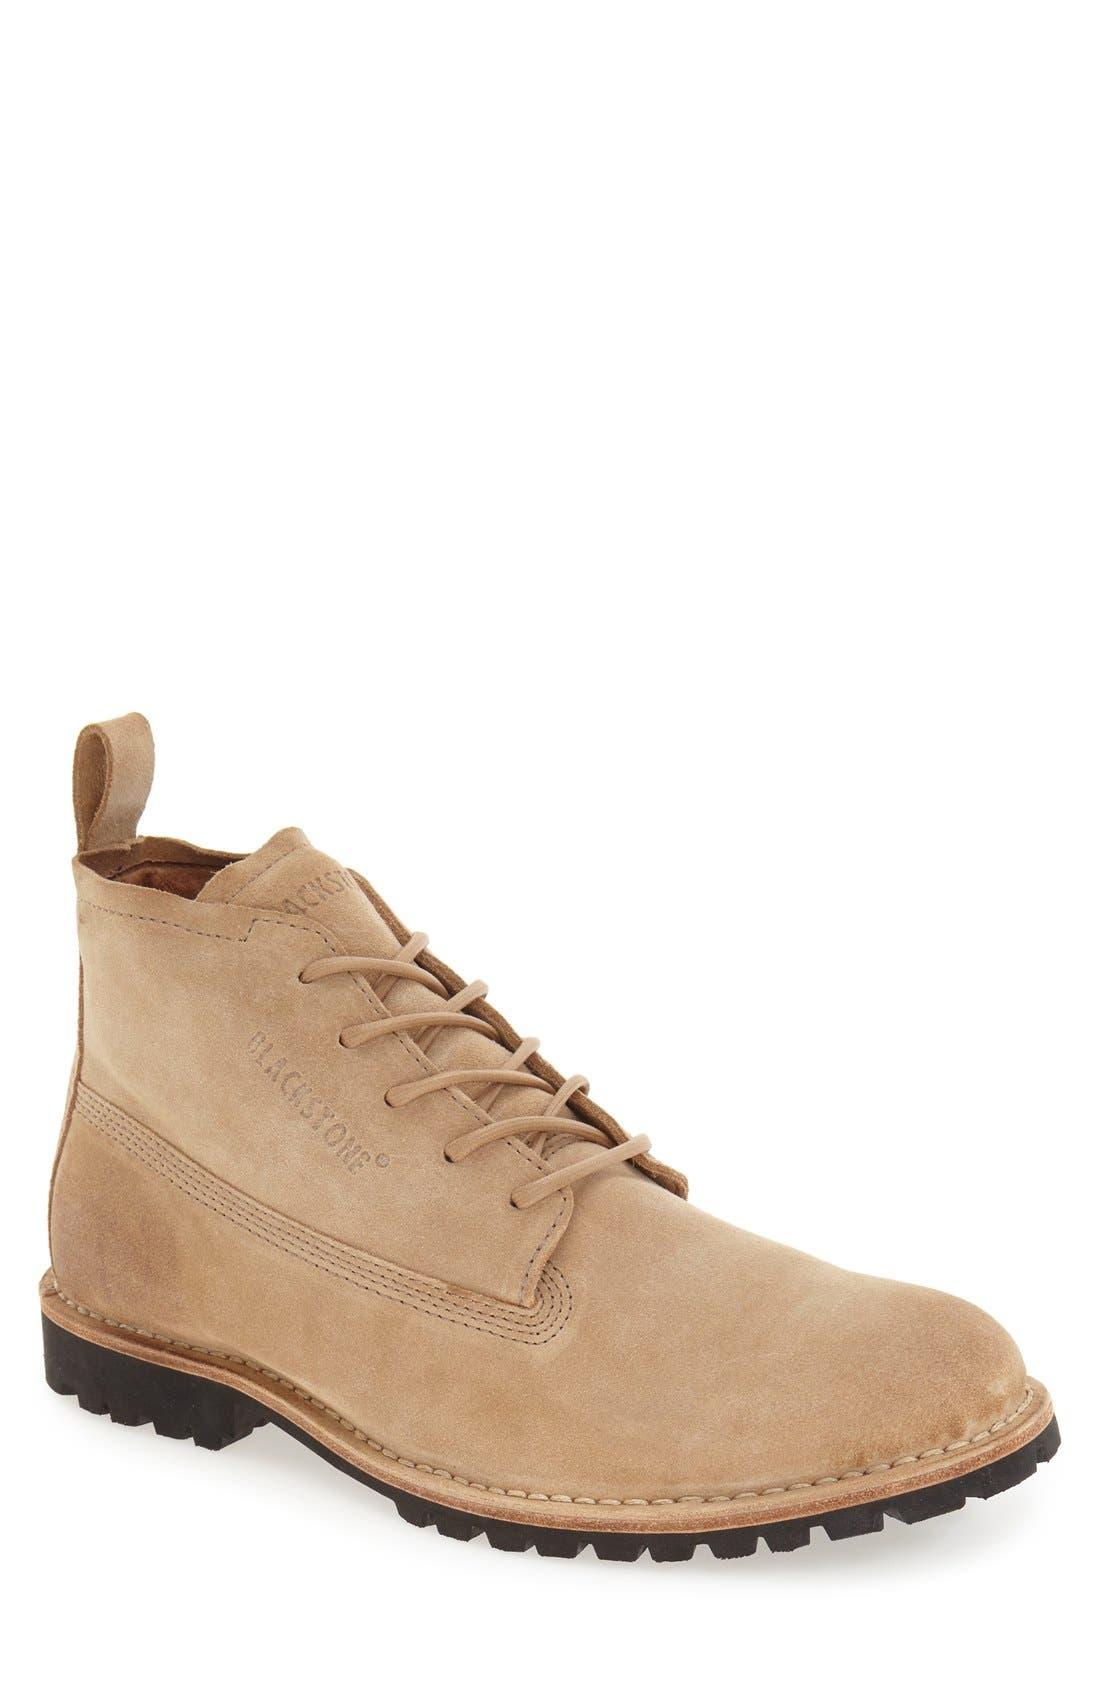 Main Image - Blackstone 'KM07' Plain Toe Boot (Men)